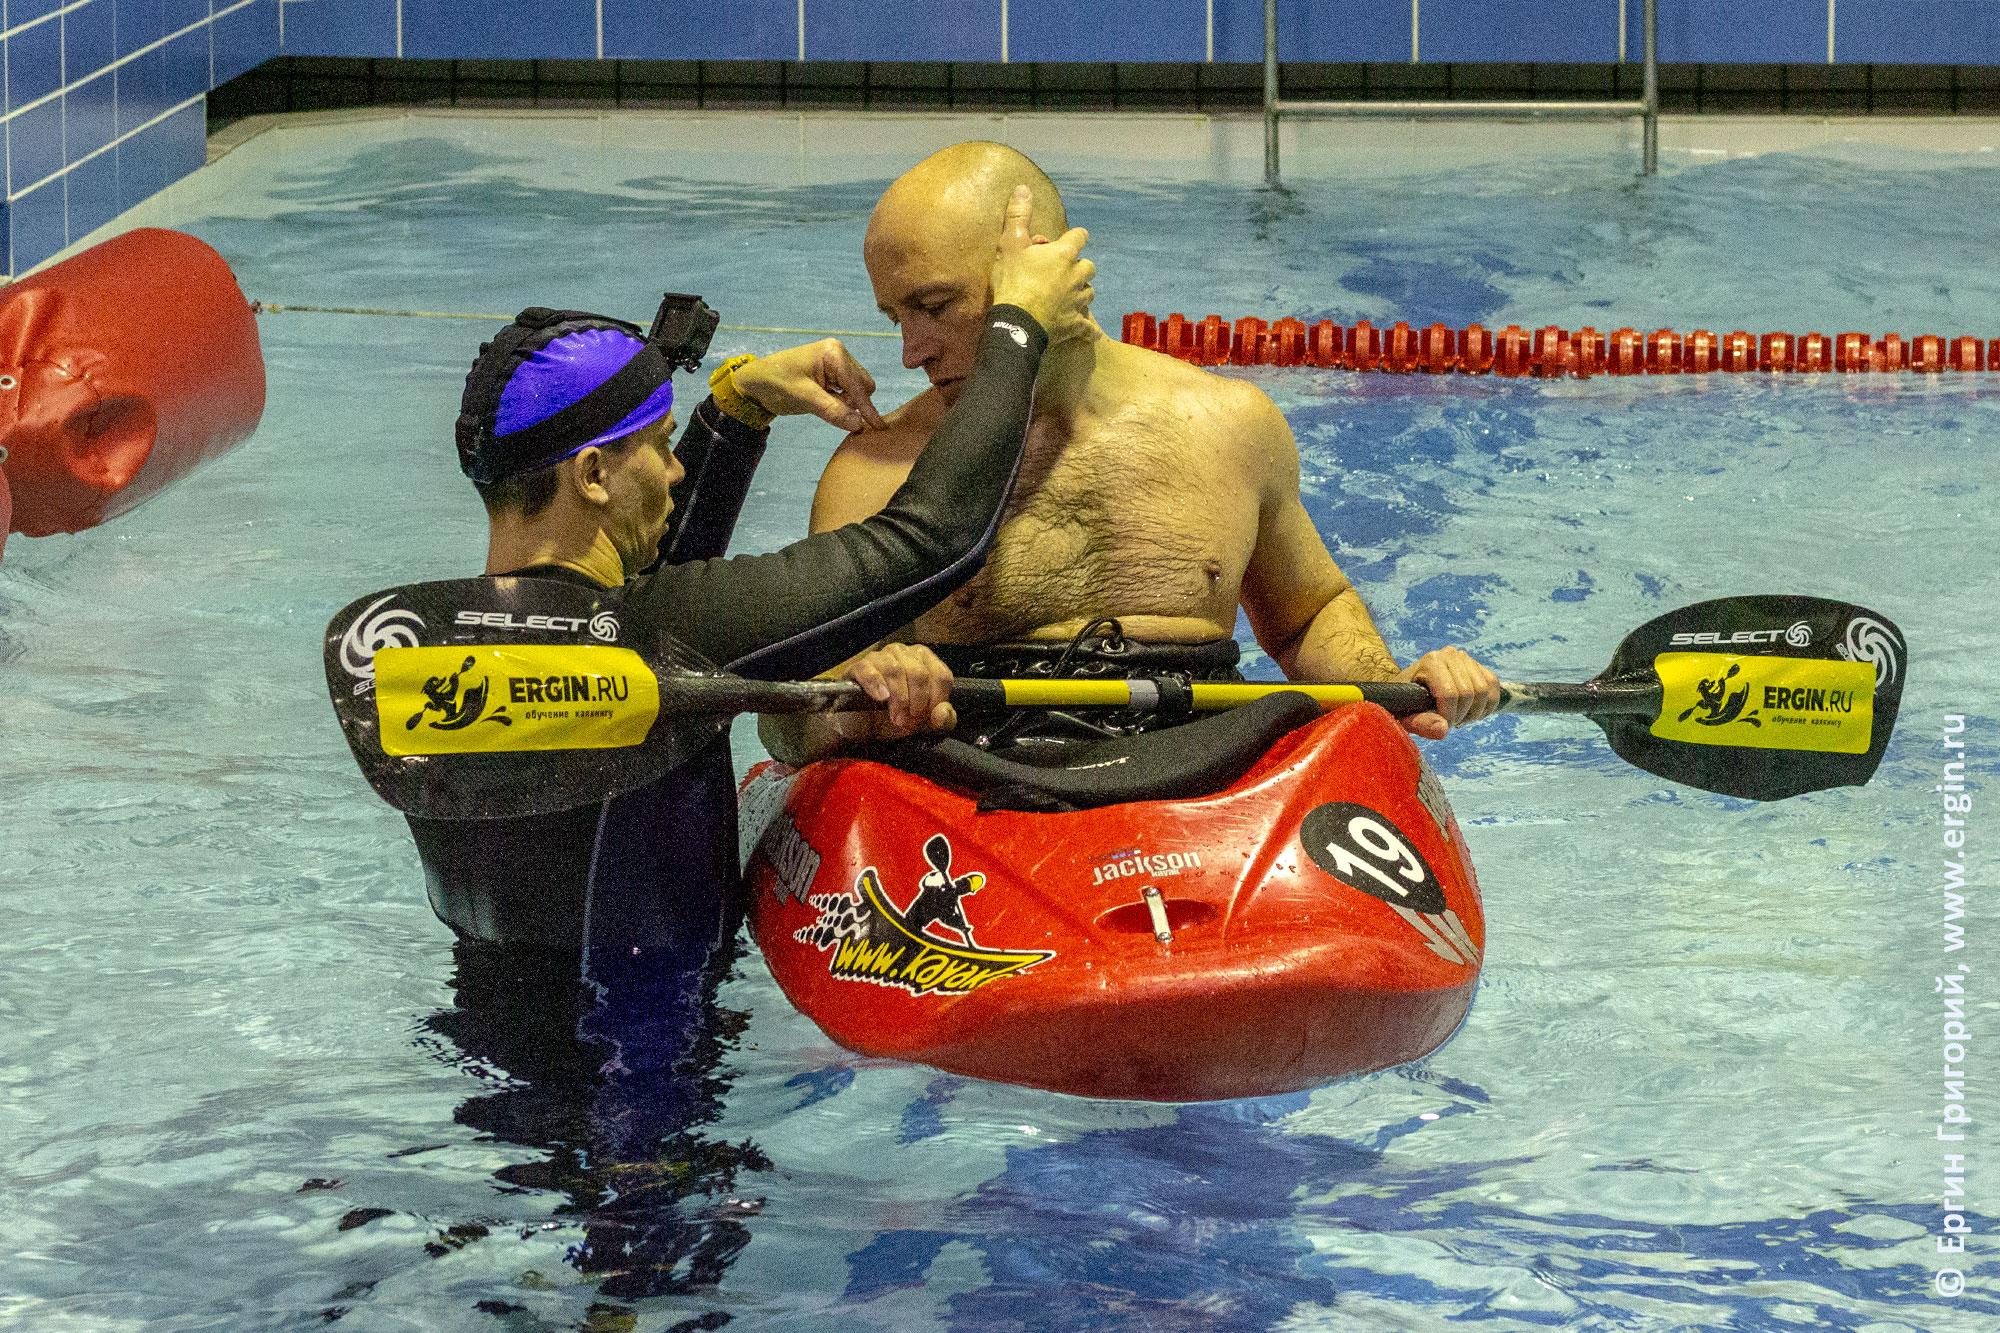 Множество тонкостей эскимосского переворота на индивидуальных занятиях по каякингу в бассейне